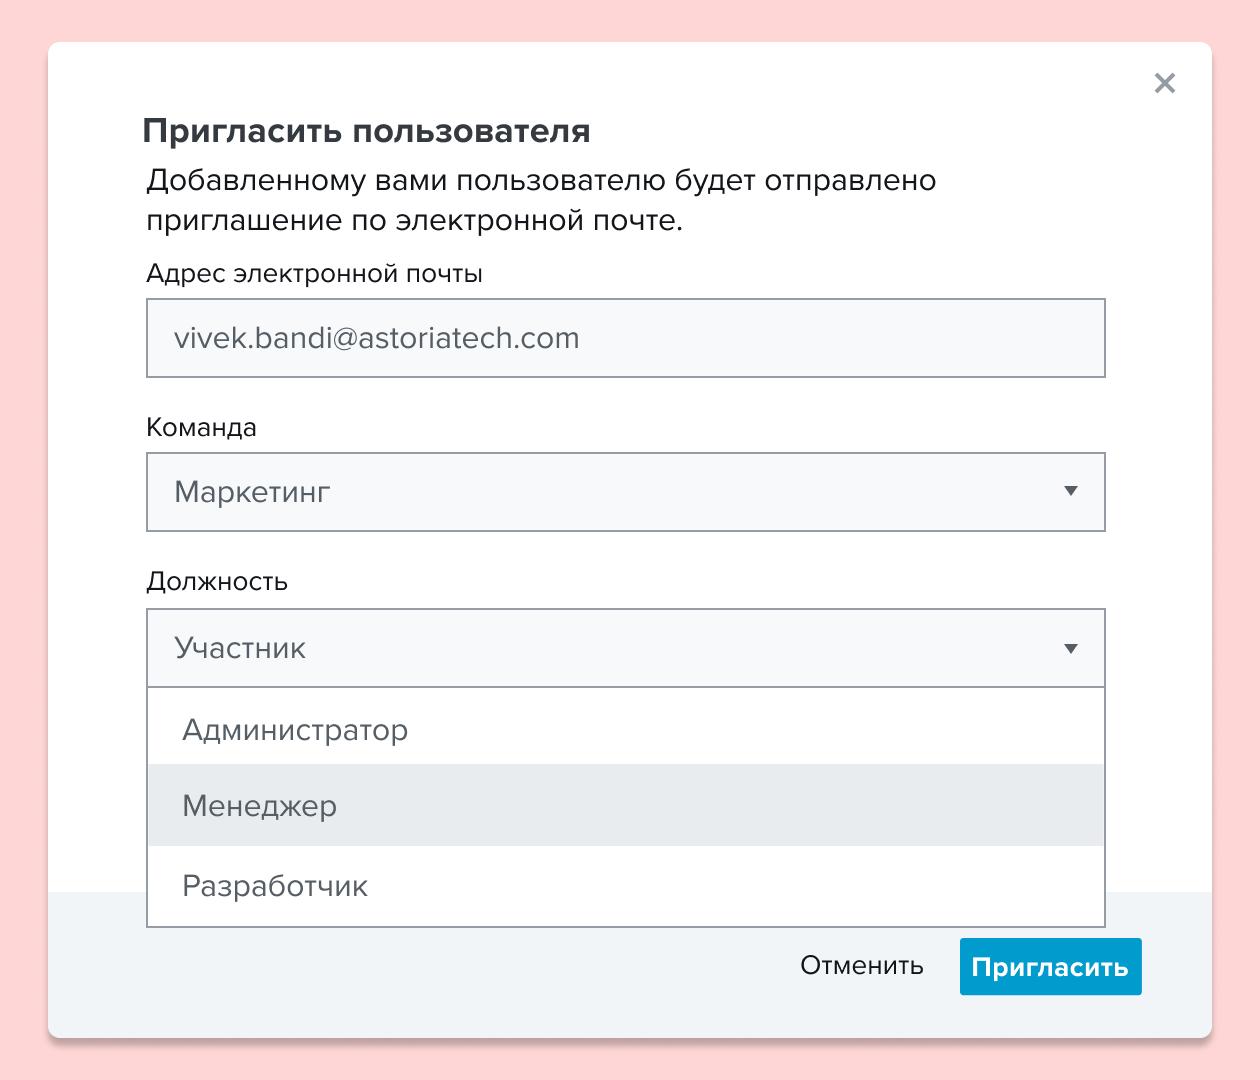 Скриншот приглашения пользователя в документ HelloSign с распределением обязанностей